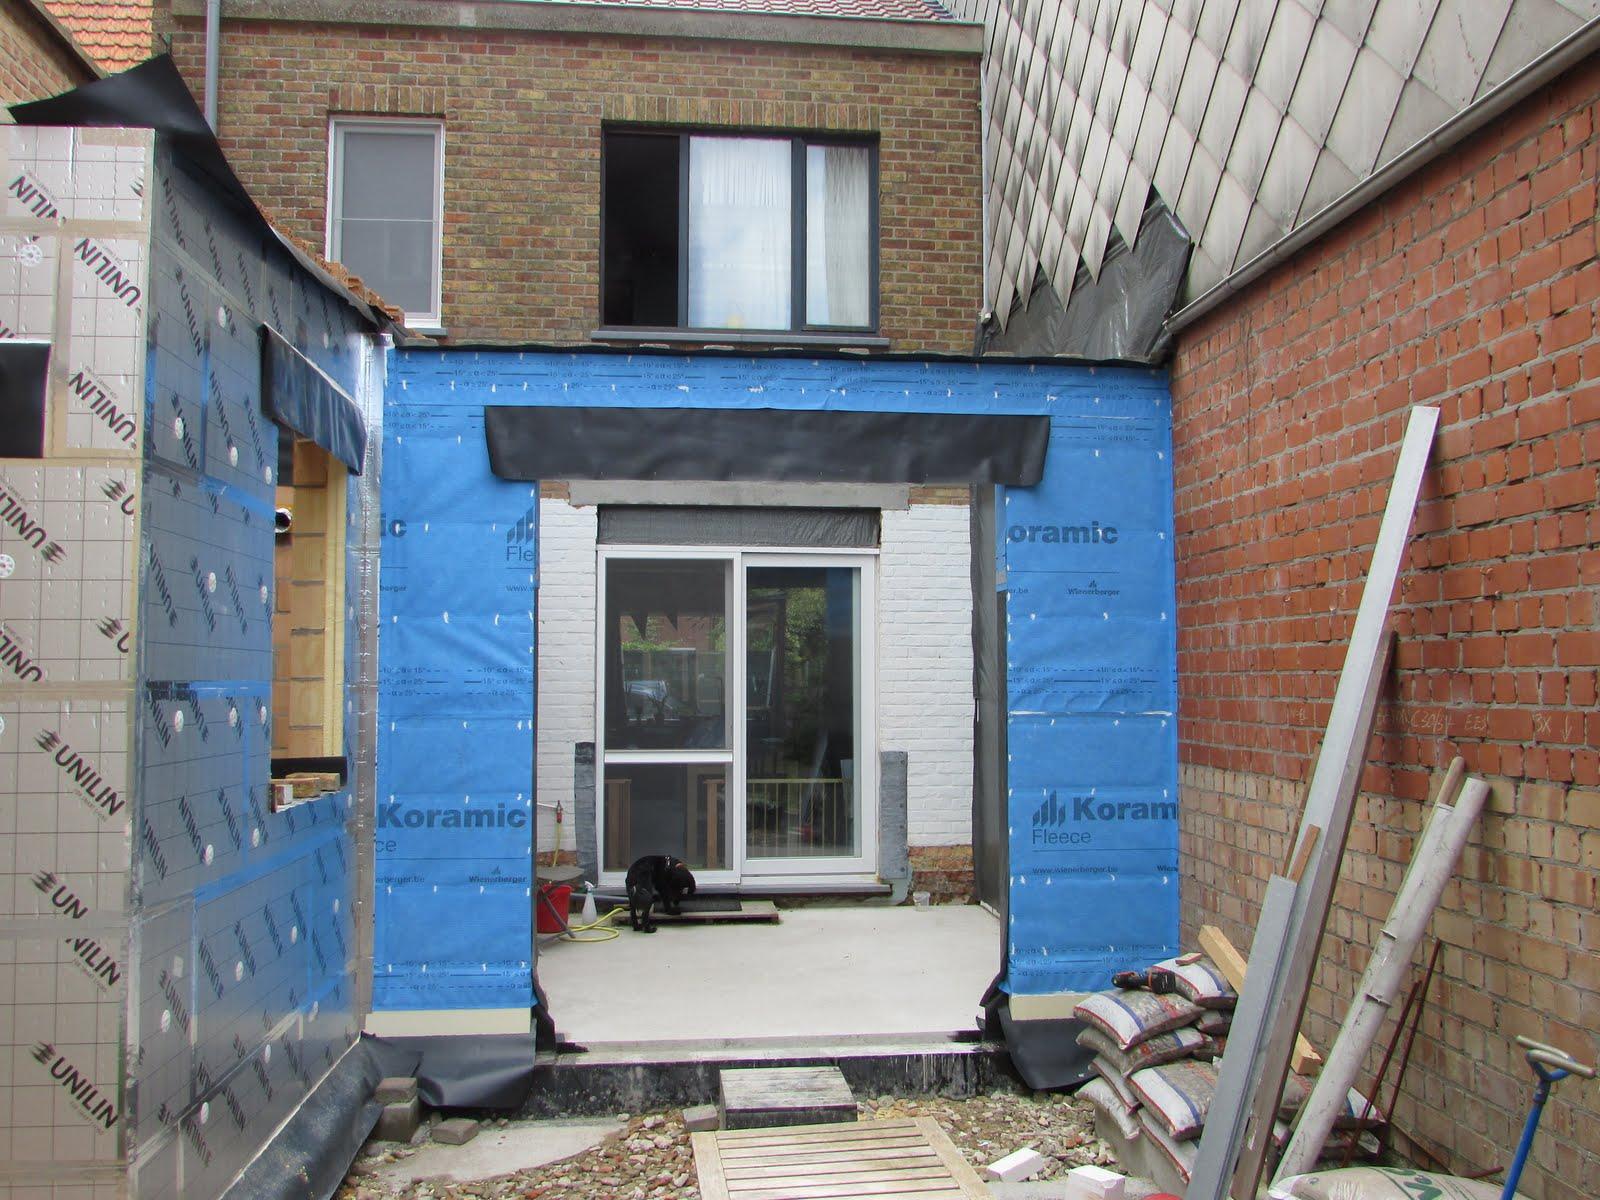 Verbouwing van ons ouderlijk huis ruwbouw uitbreiding 30 - Idee huis uitbreiding ...